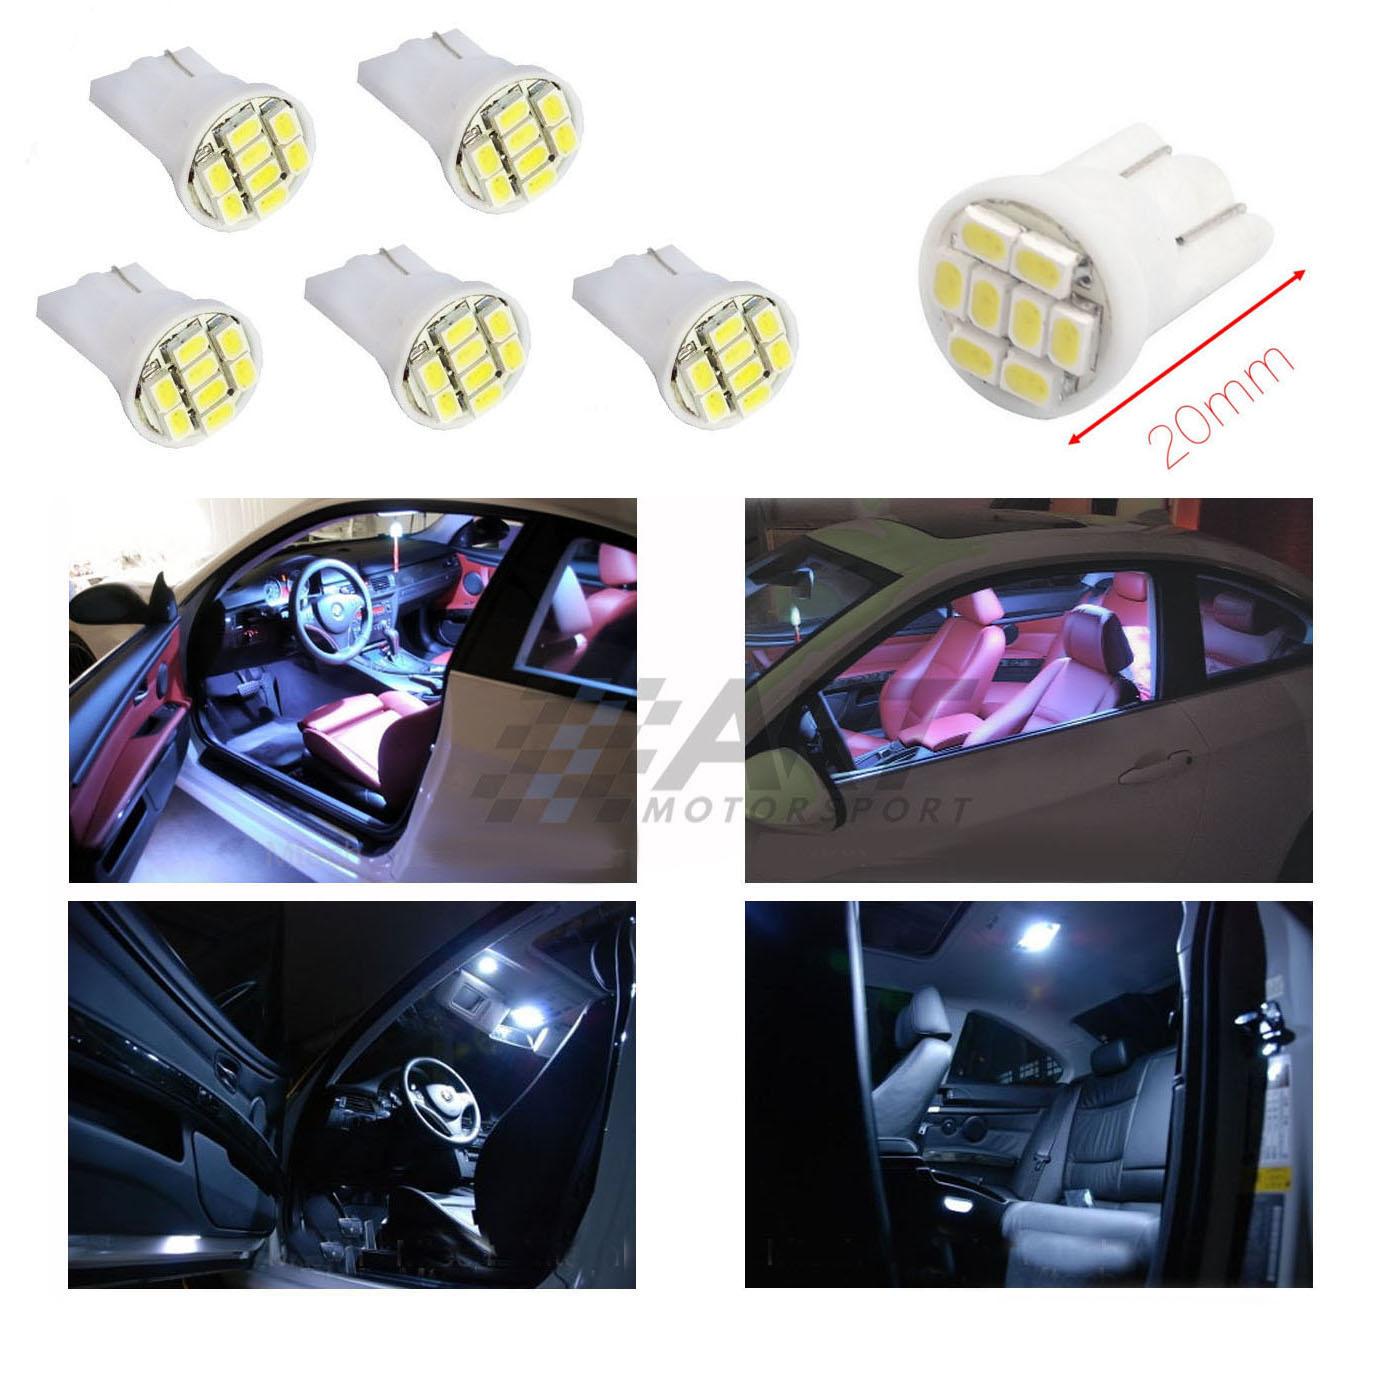 Bombillas T10 led con iluminación blanco frío para Bmw E34 E39 para interior